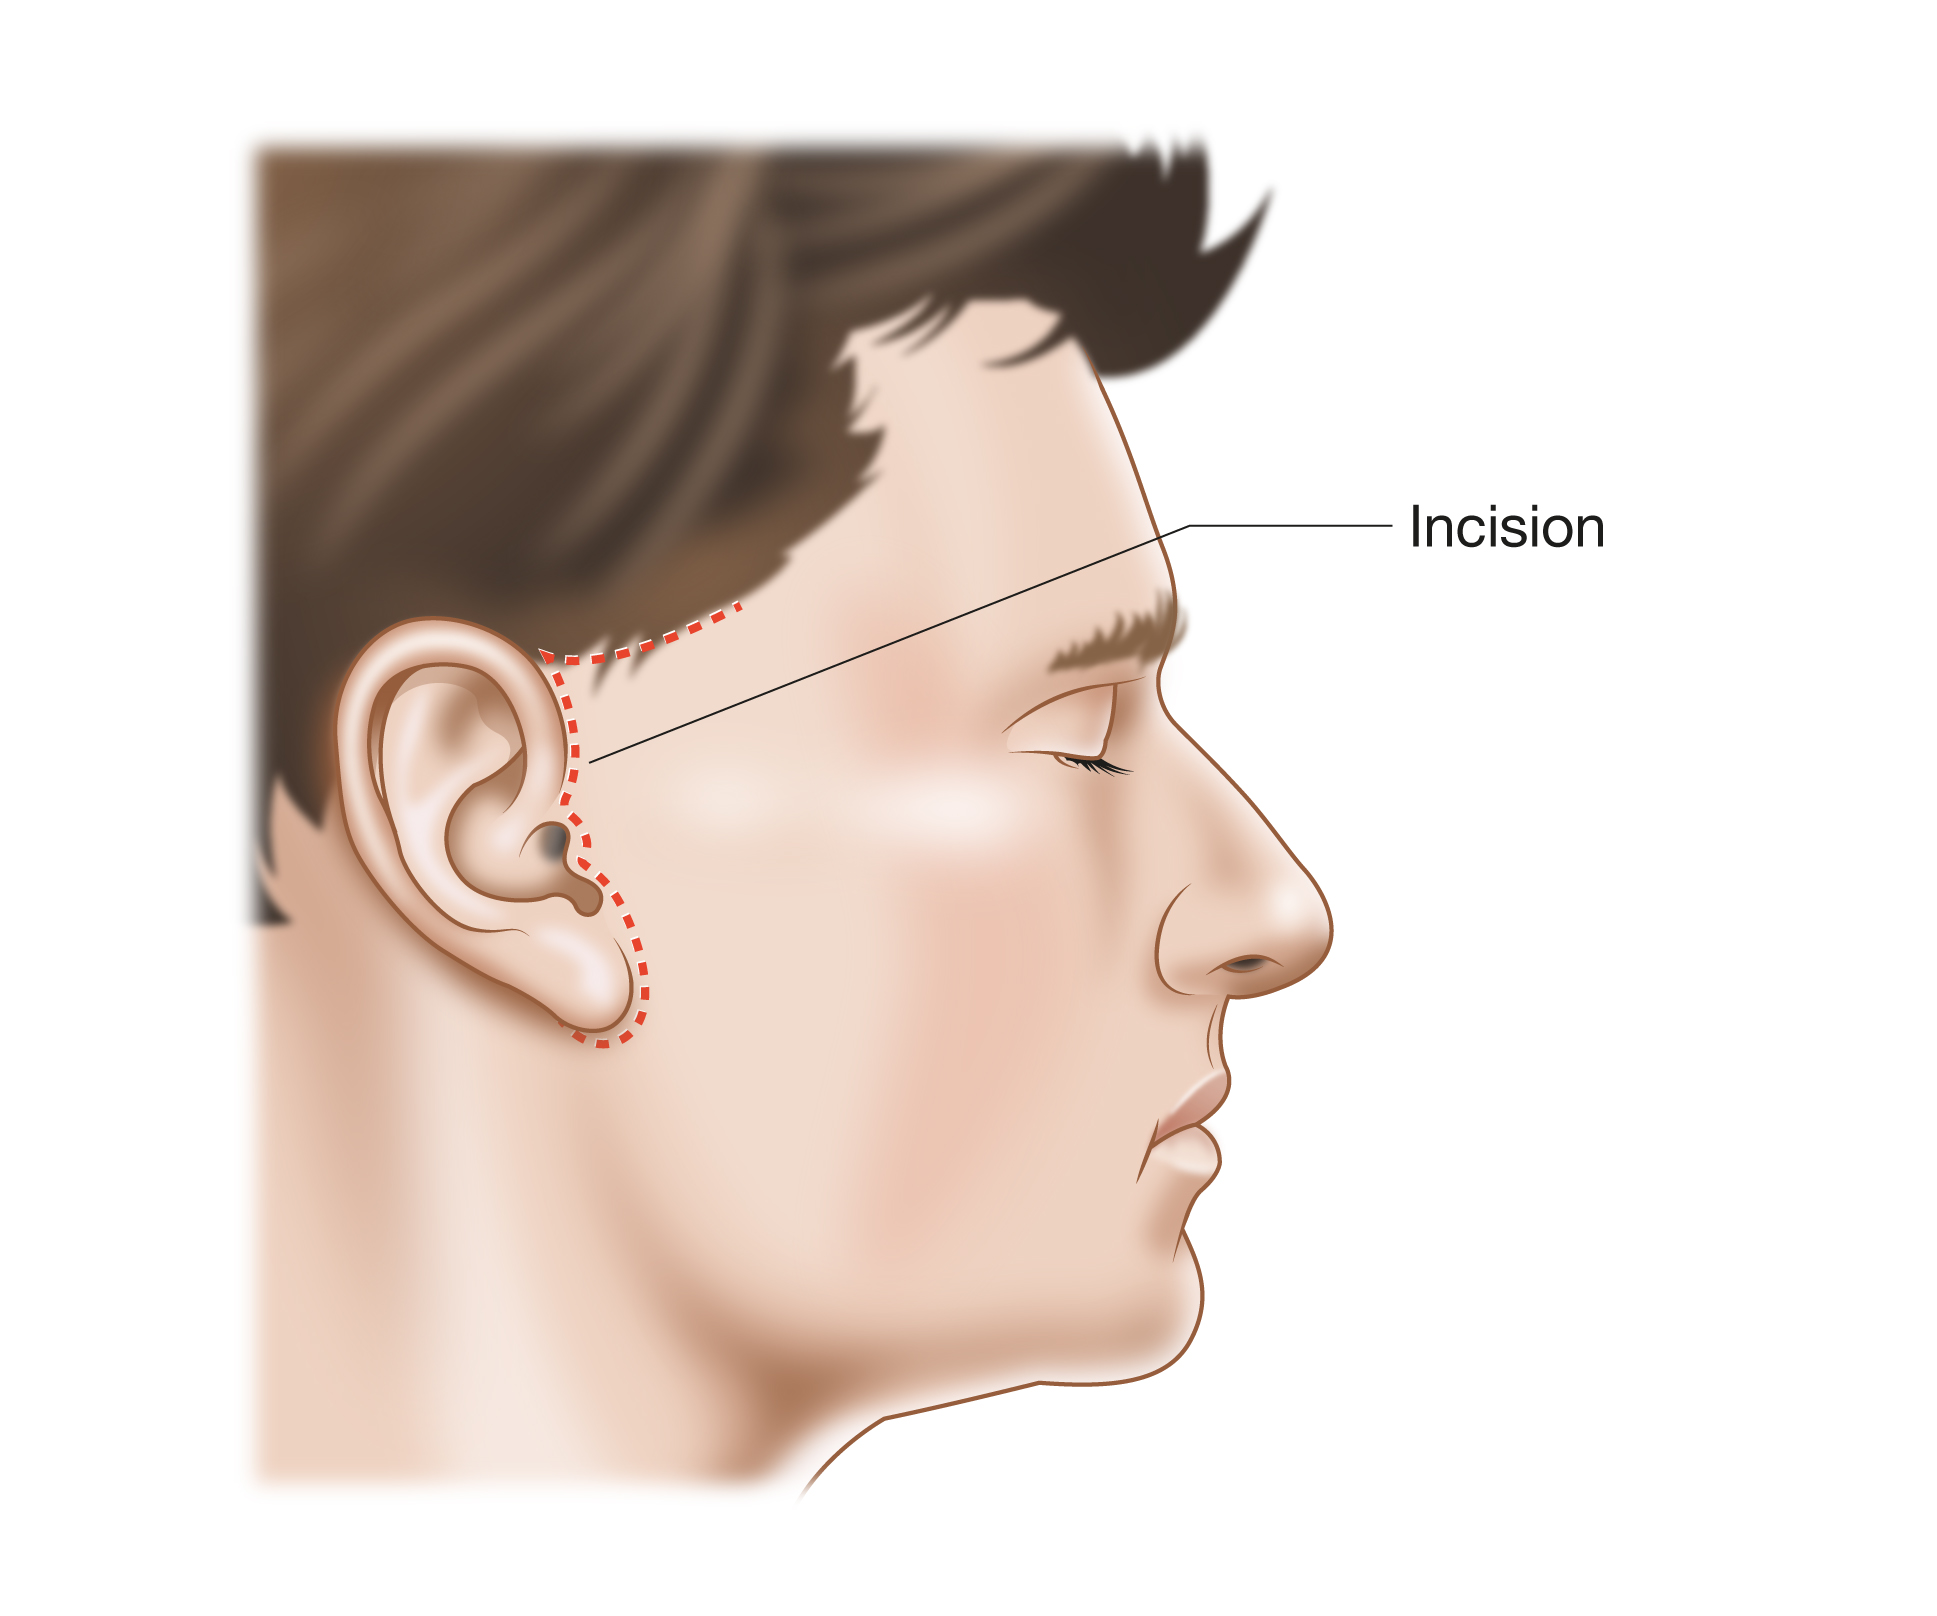 Southern maryland maxilla facial surgery